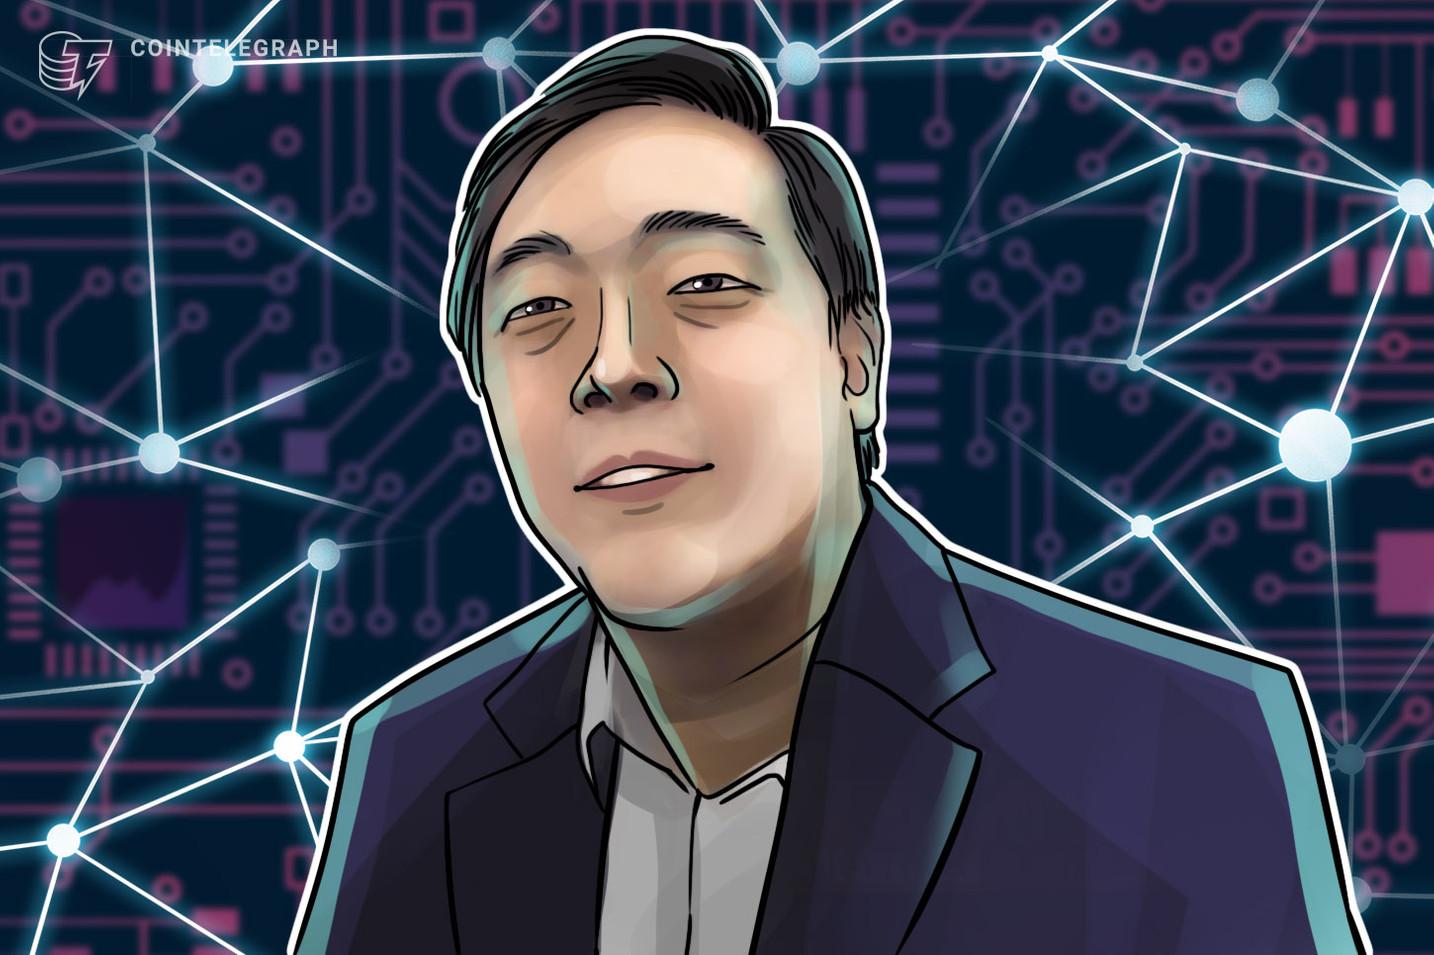 Criador do Litecoin compara o explosão NFT em 2021 com a mania ICO de 2017